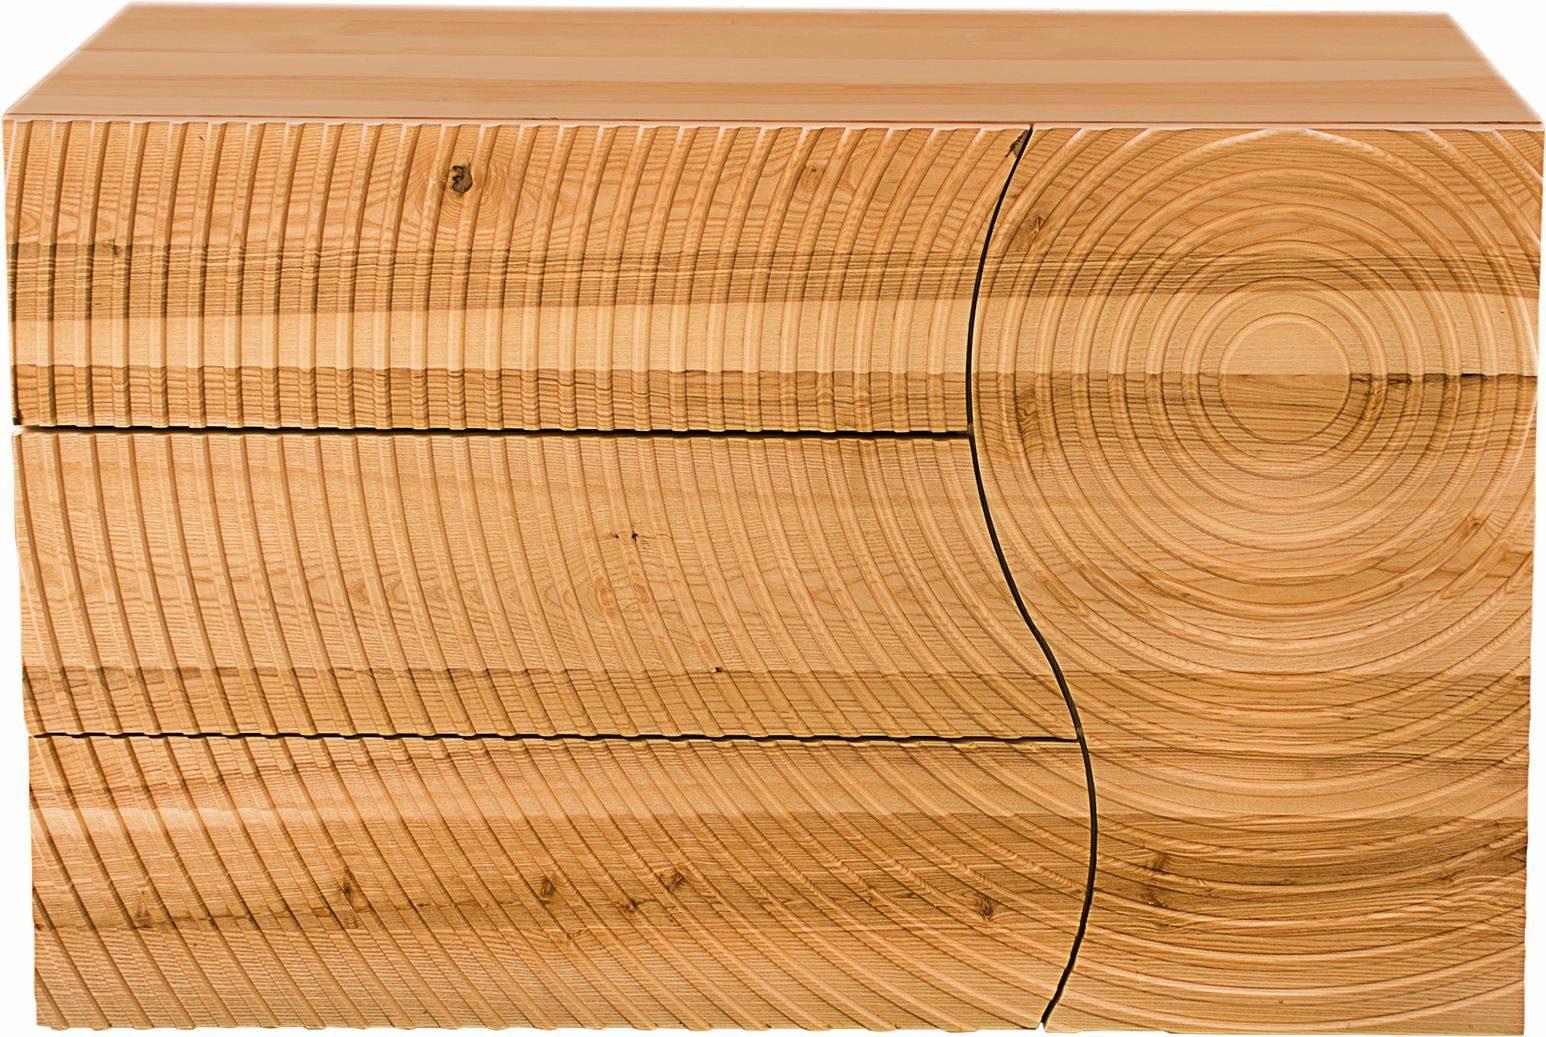 Home affaire Sideboard »Swirl«, mit eingearbeiteten Kreisfräsungen in der Front und 3 Schubladen, Breite 120 cm